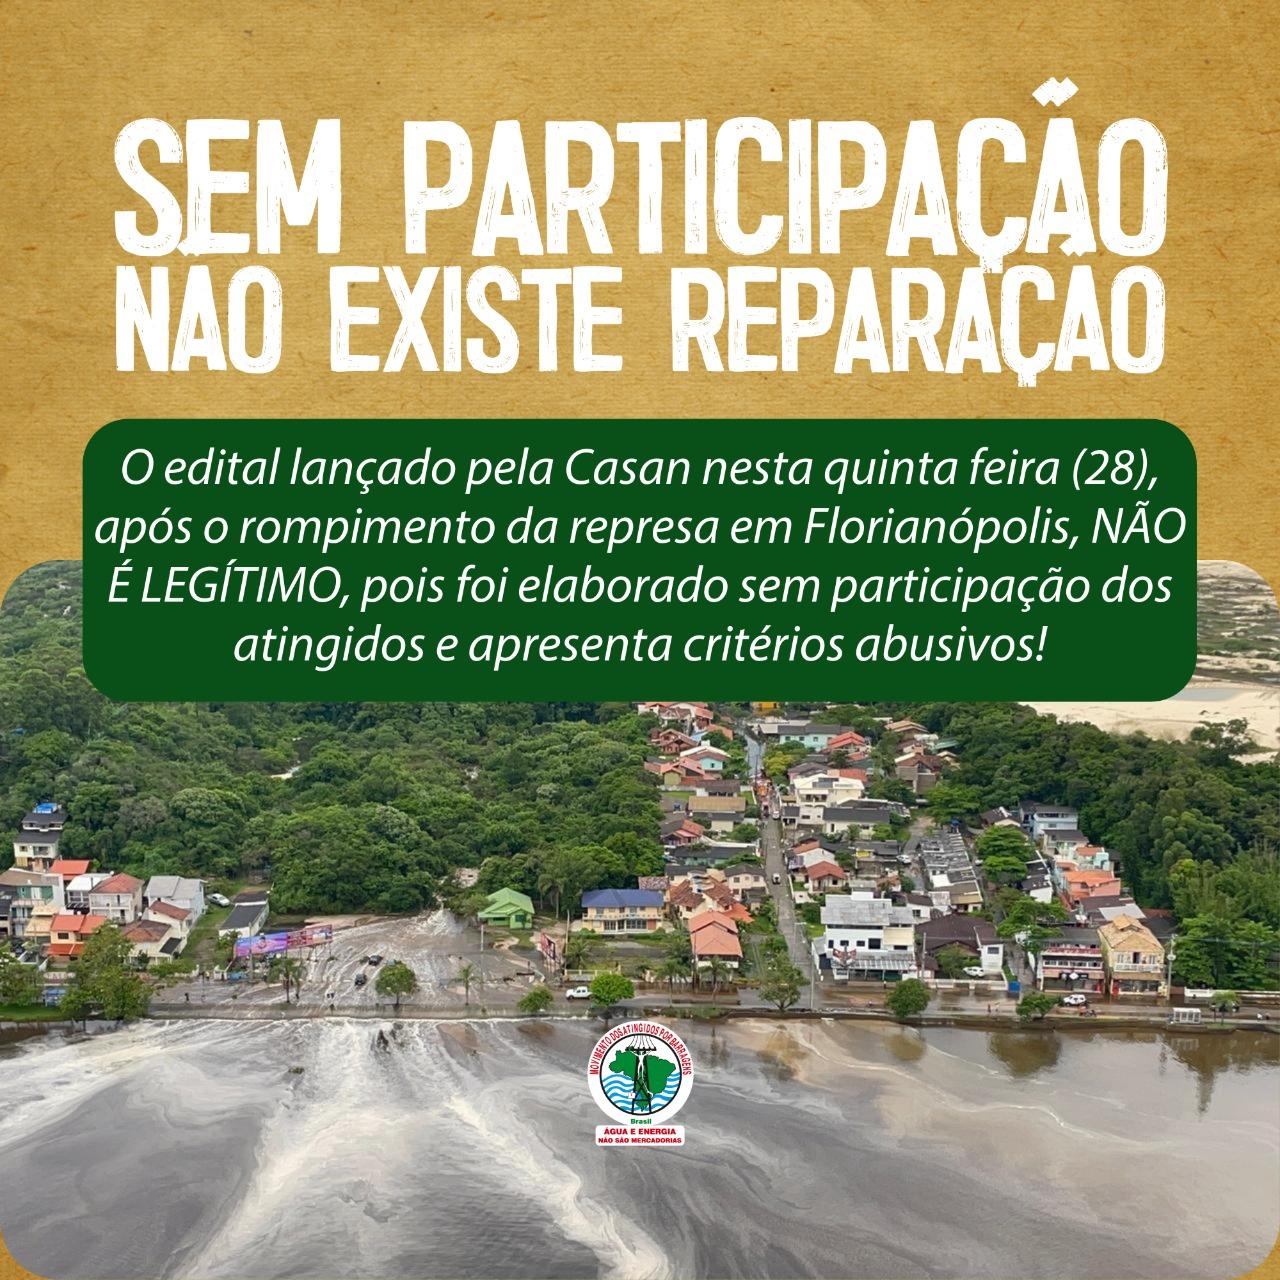 Atingidos por barragem da CASAN, em Florianópolis, afirmam que edital de indenização não é legítimo